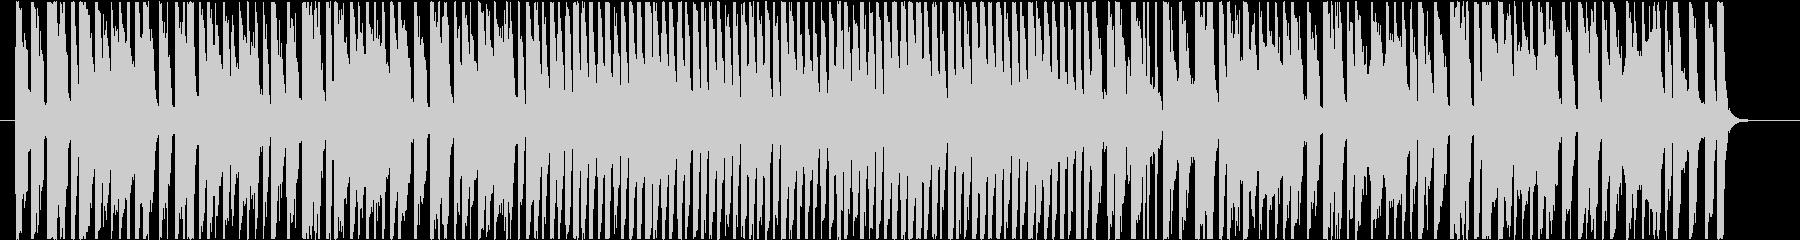 明るくポップなオープニングBGMの未再生の波形